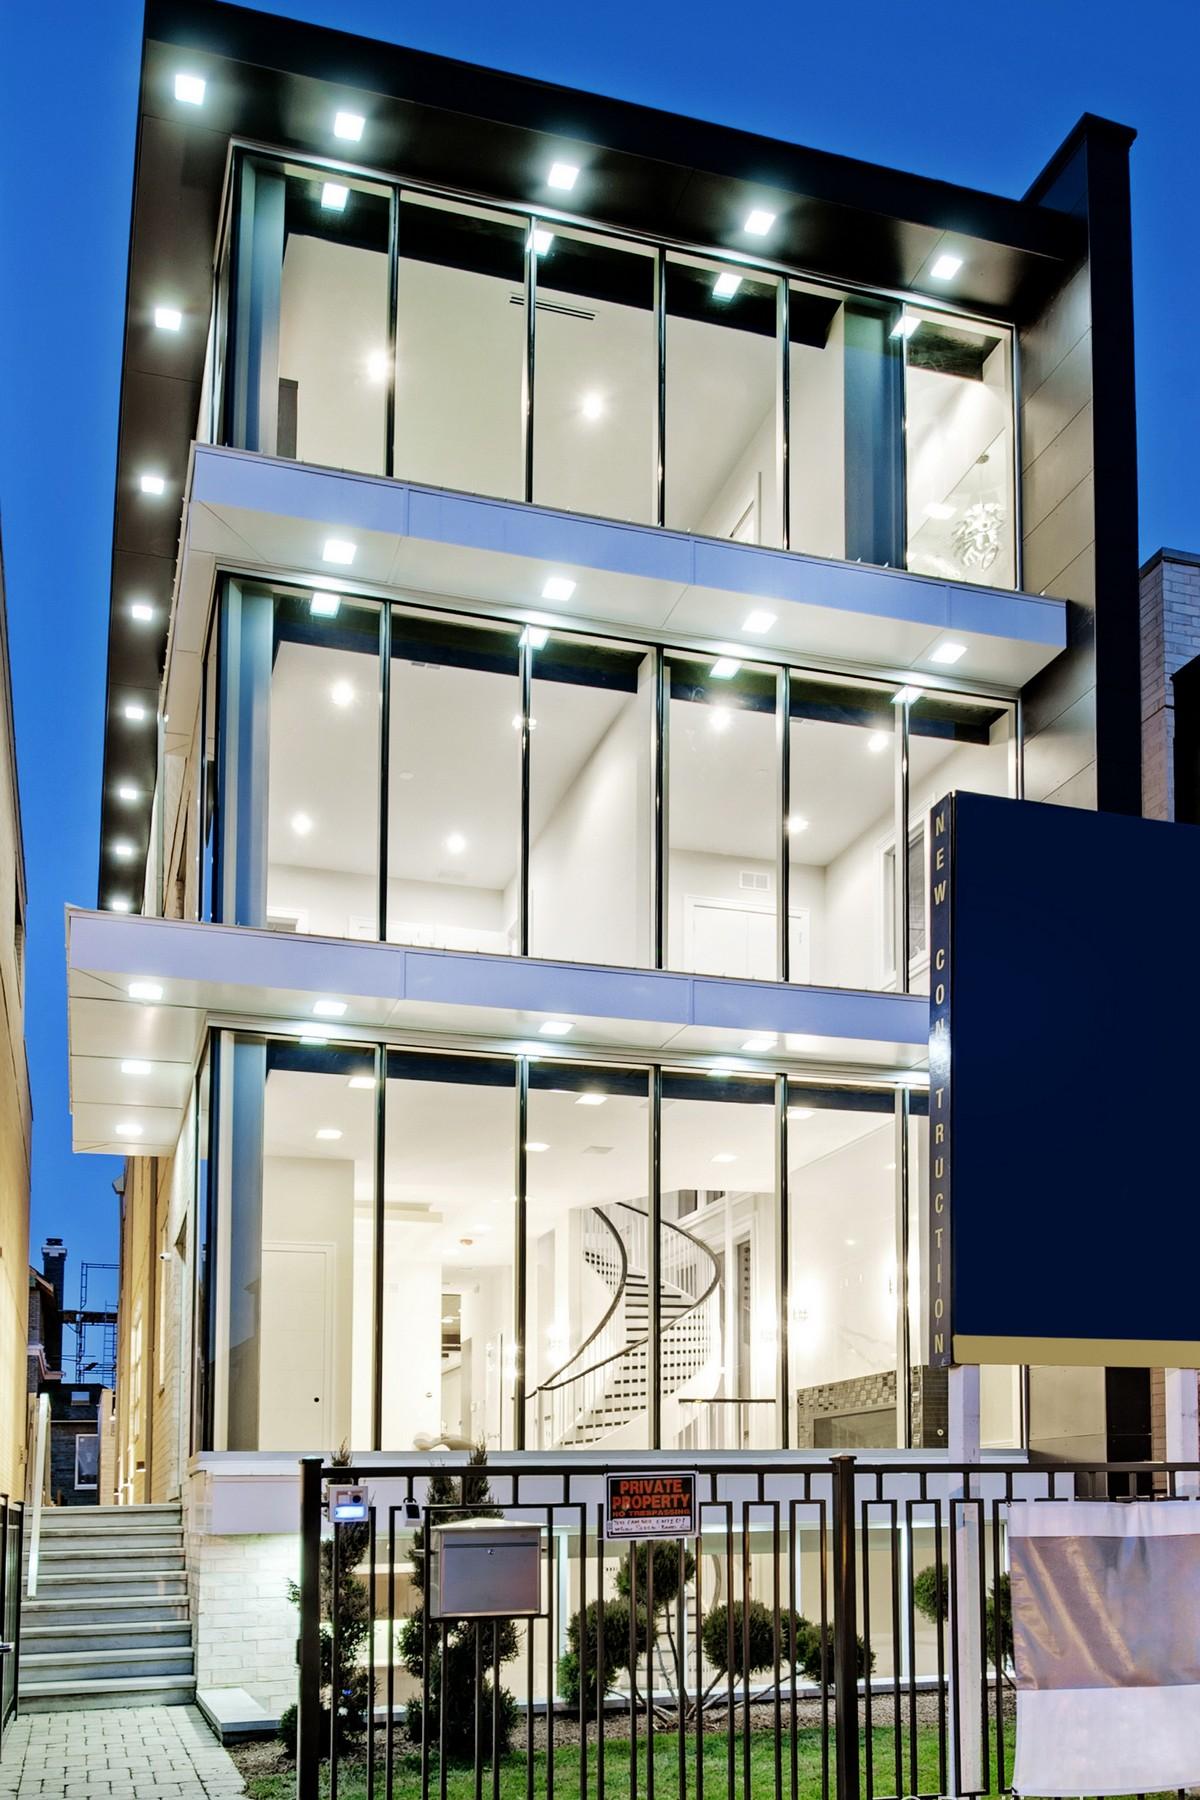 Частный односемейный дом для того Продажа на Better Than New Construction! 1250 W Schubert Avenue Lincoln Park, Chicago, Иллинойс 60614 Соединенные Штаты